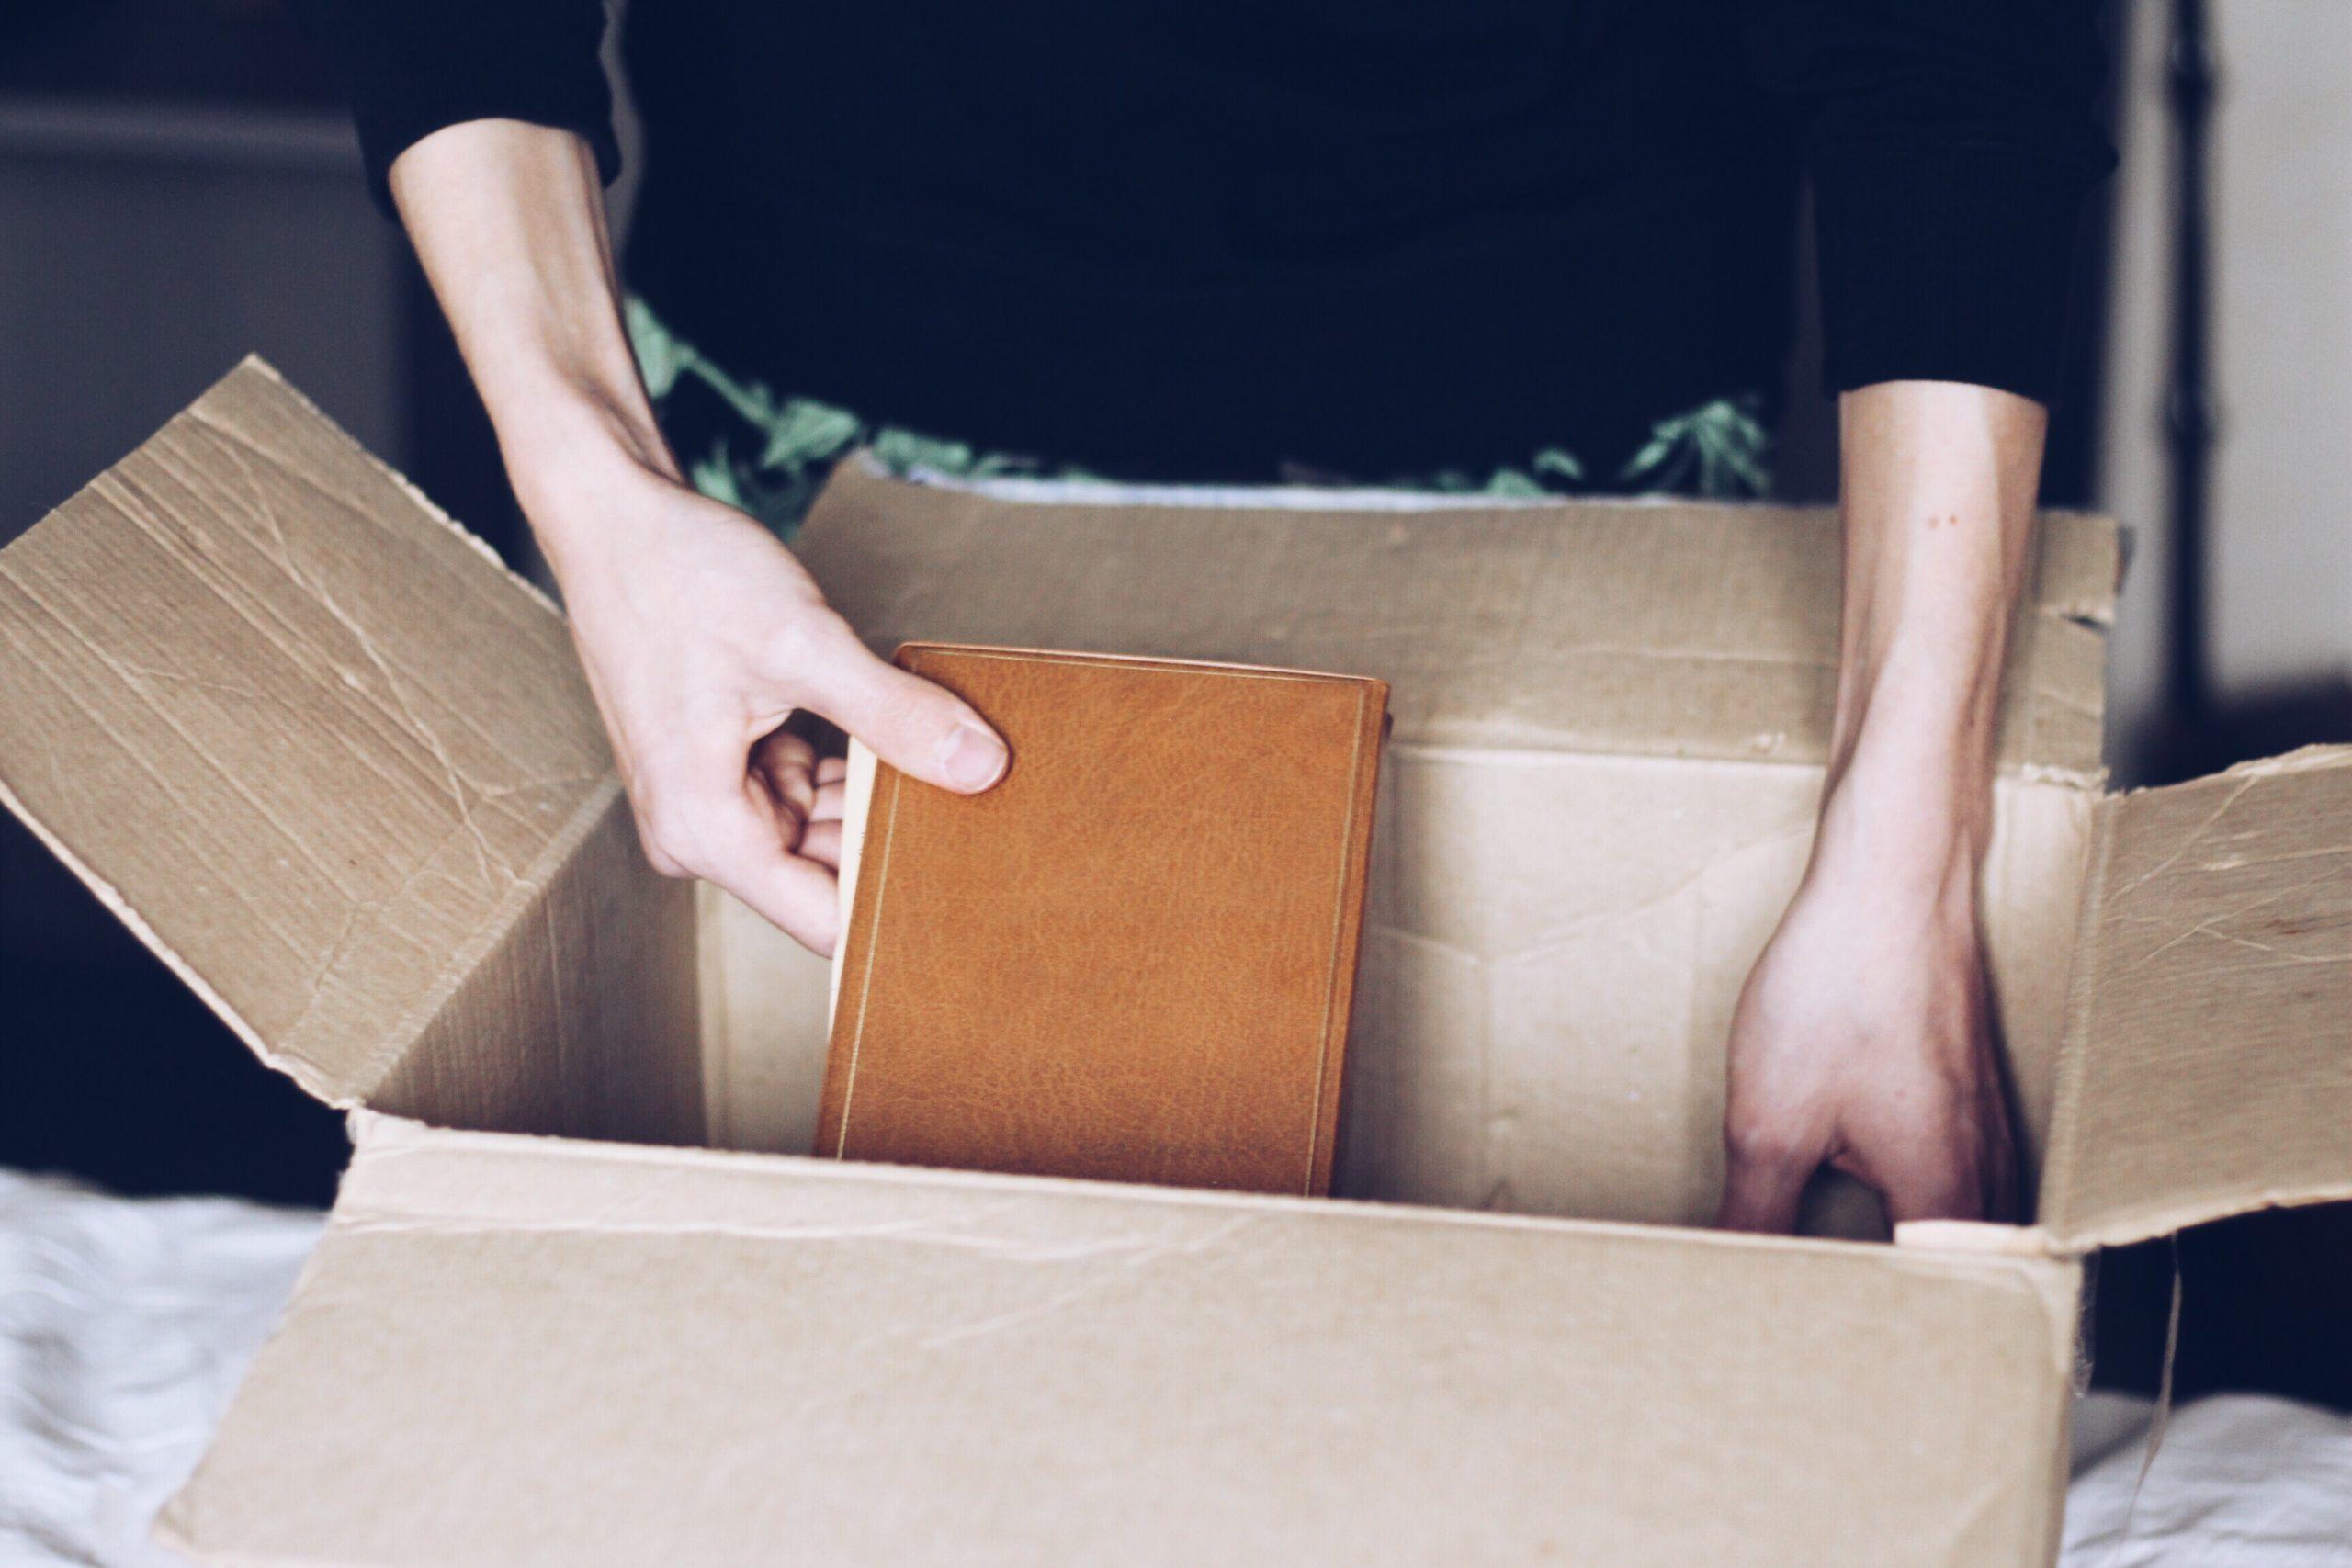 新生活で利用する荷物を段ボールに詰める画像